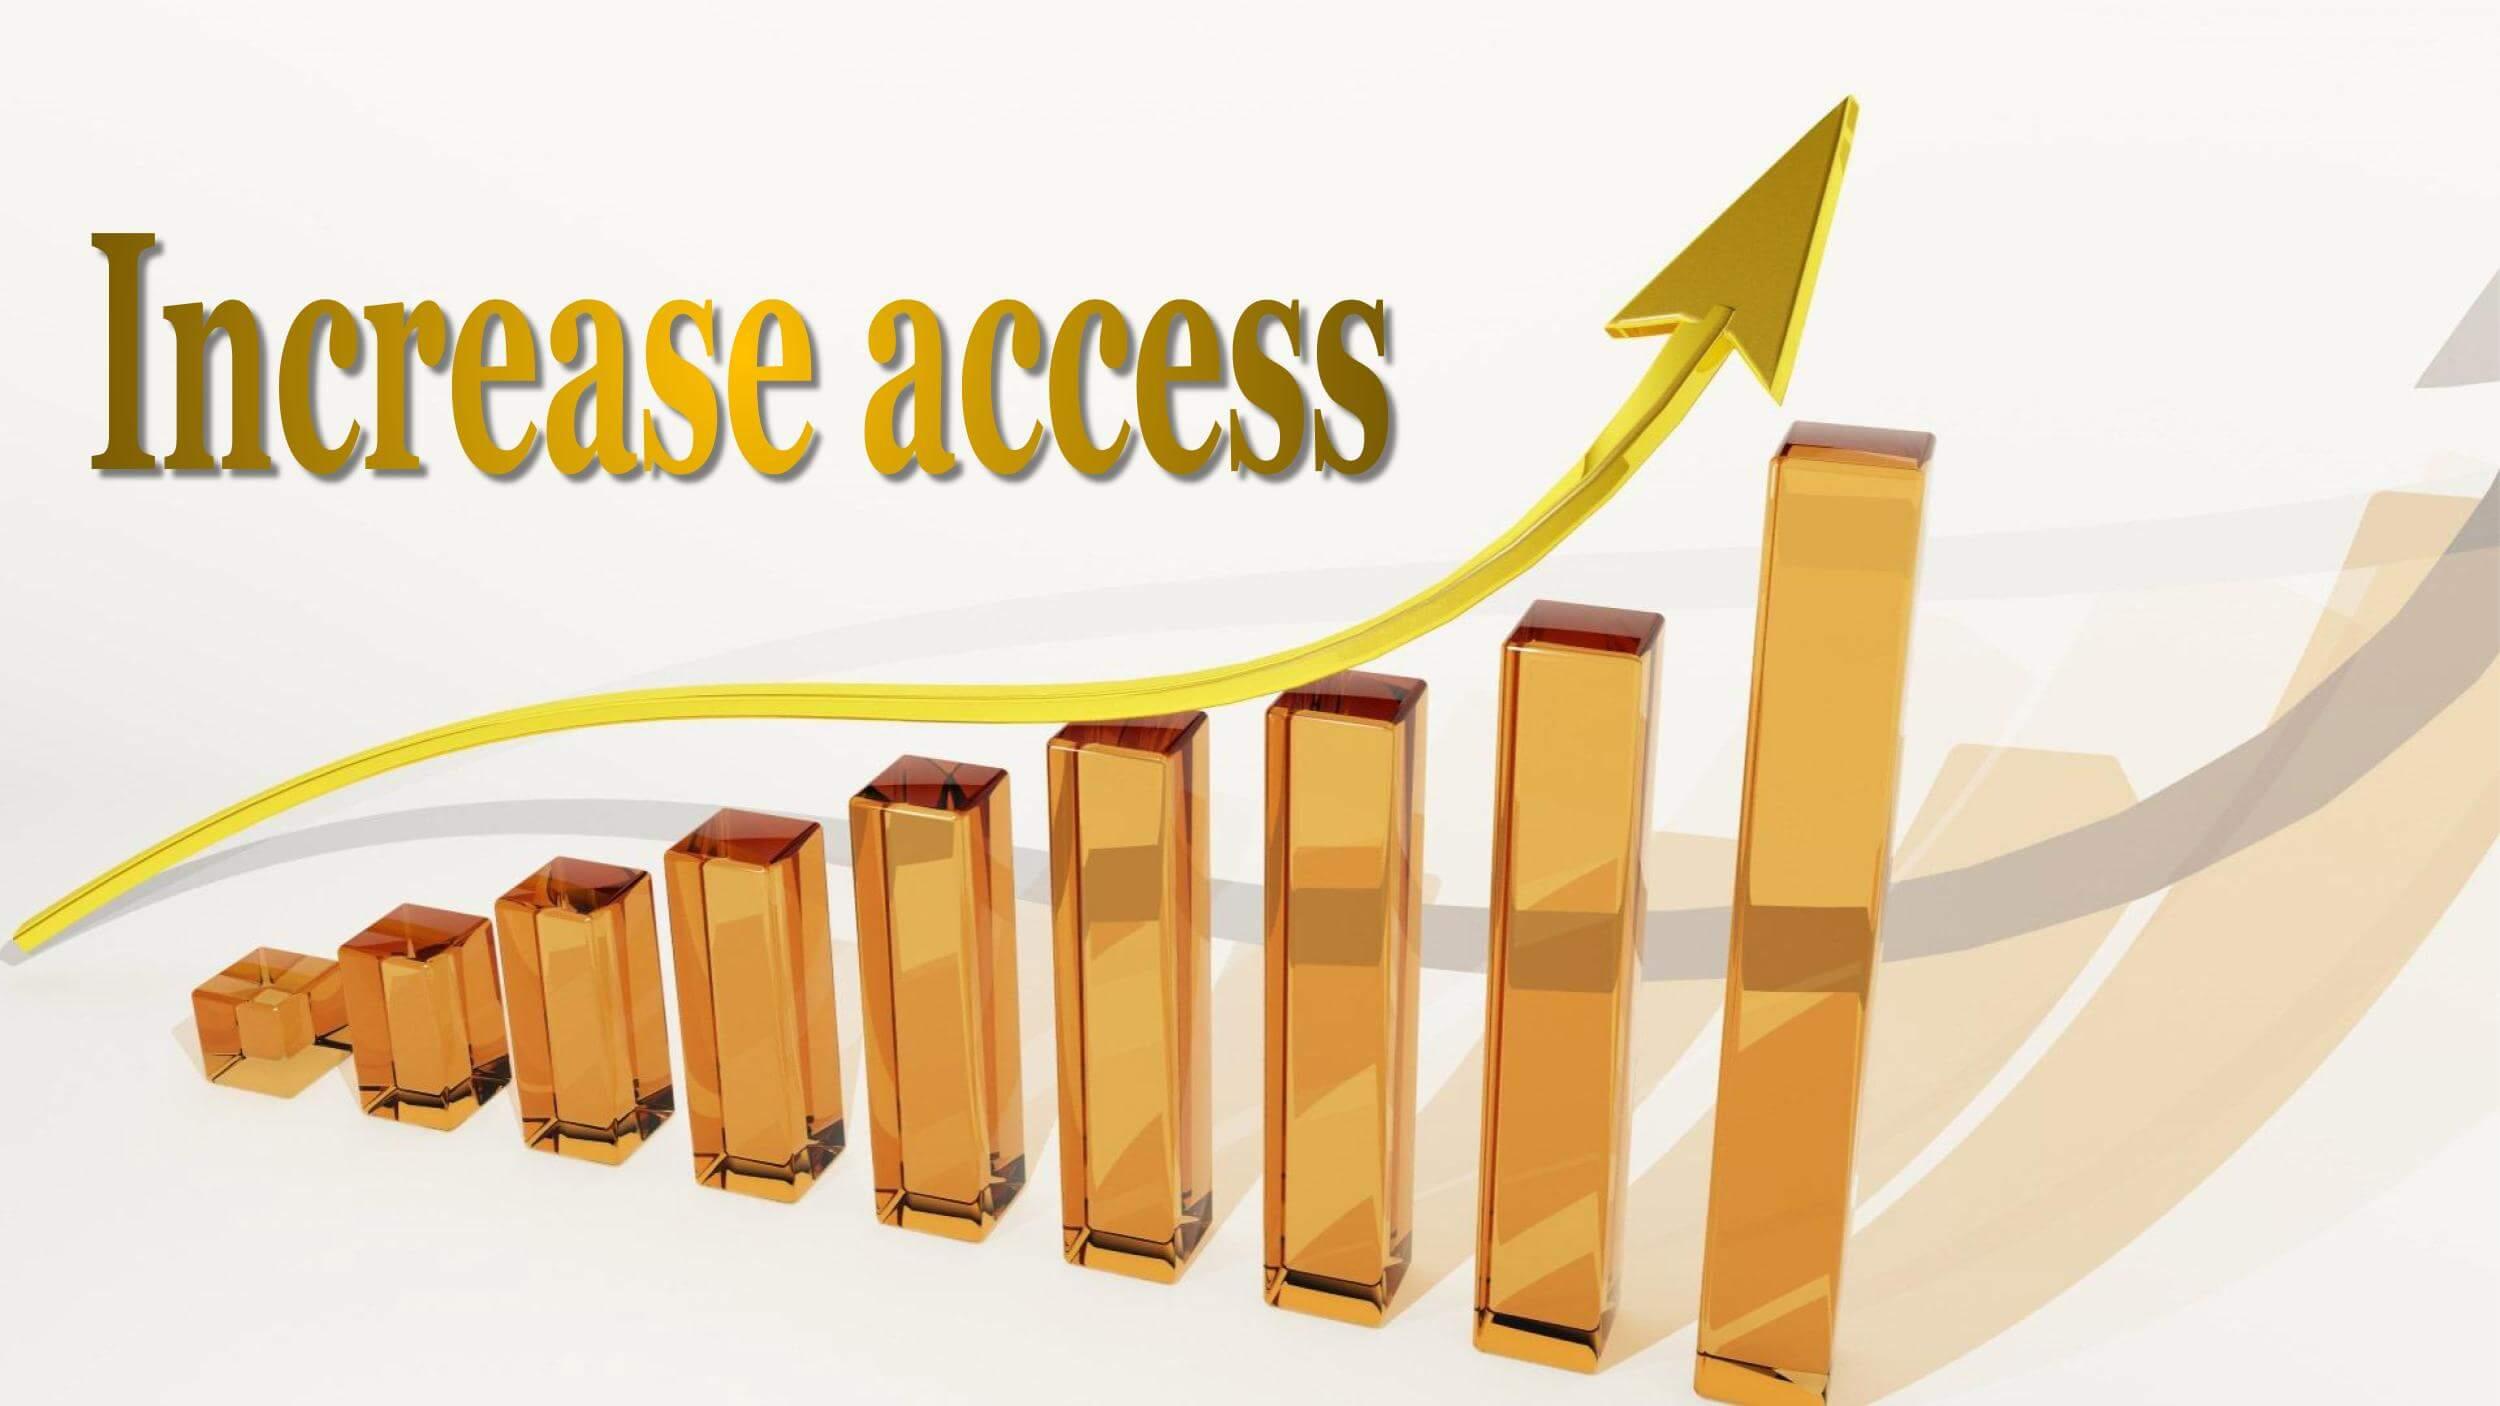 右肩上がりのグラフ「Increase access」